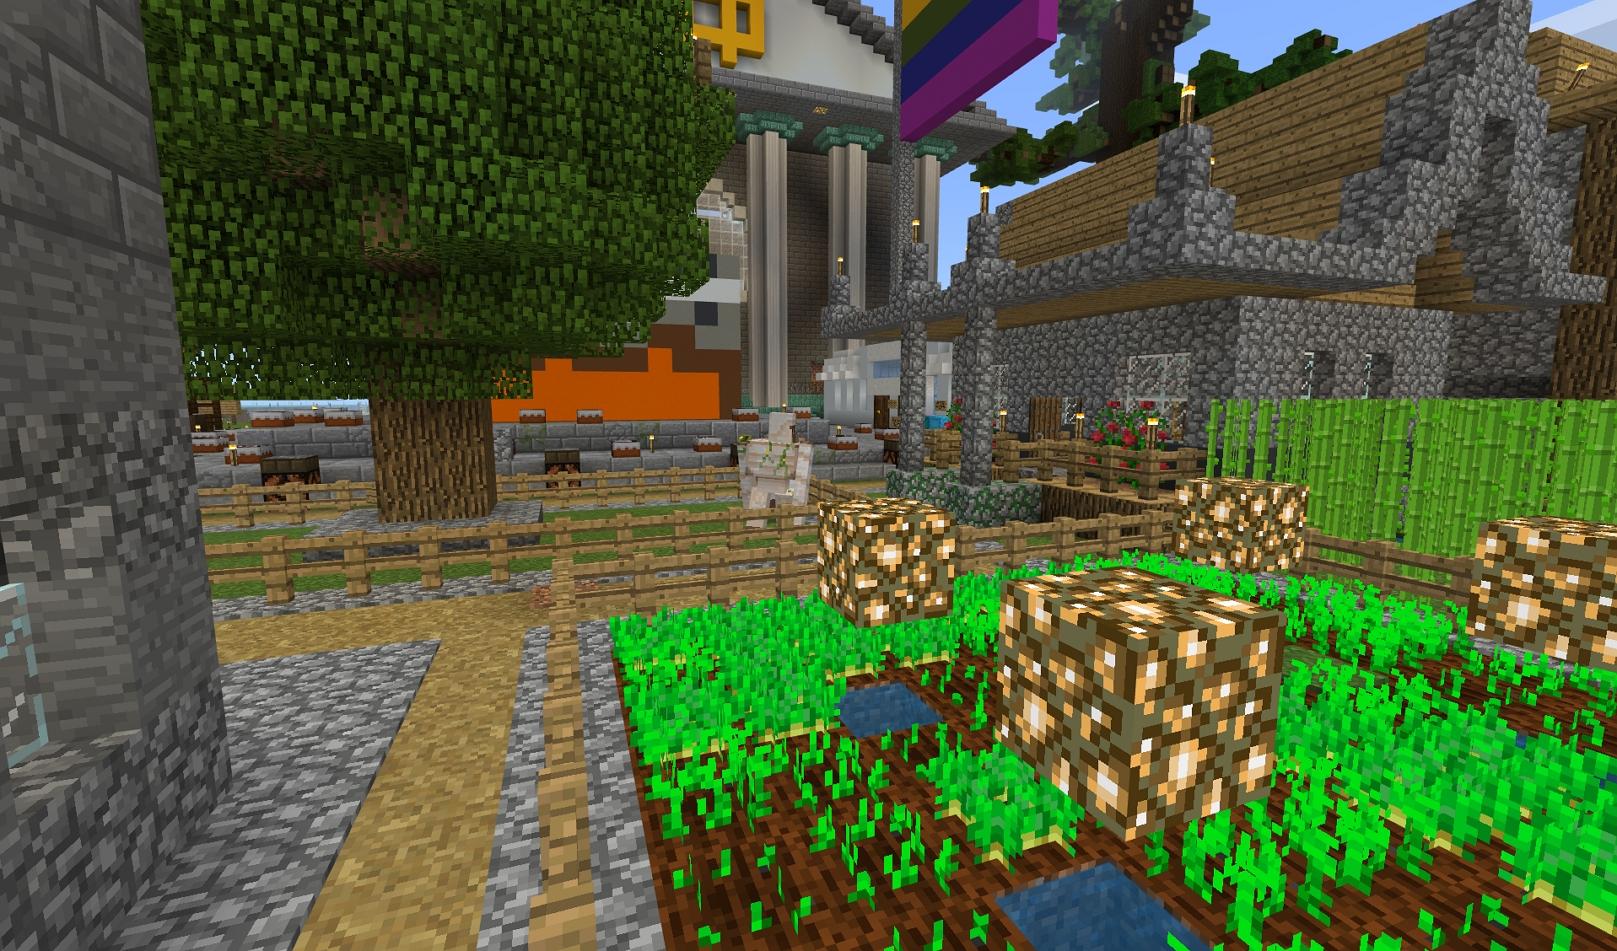 Minecraft urban garden scene